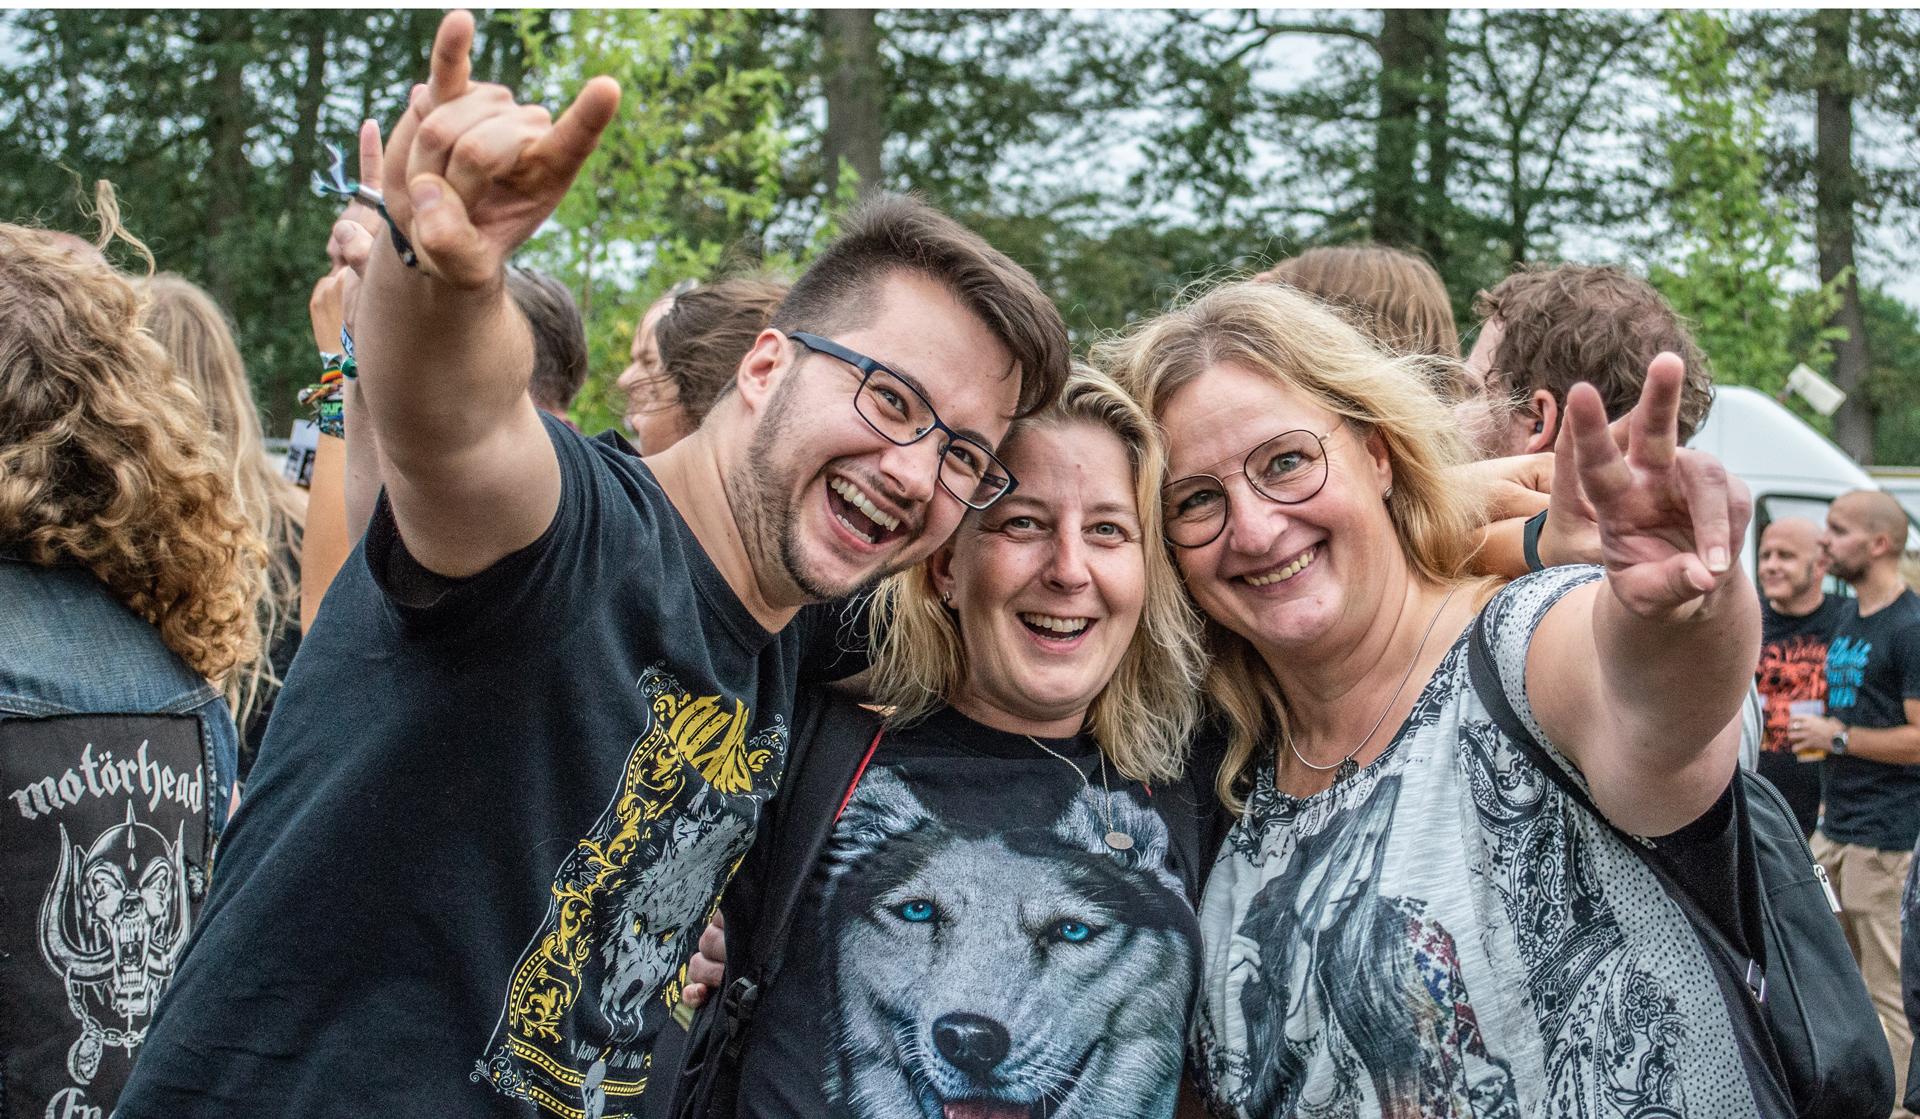 Betriebsfest auf Einem Festival